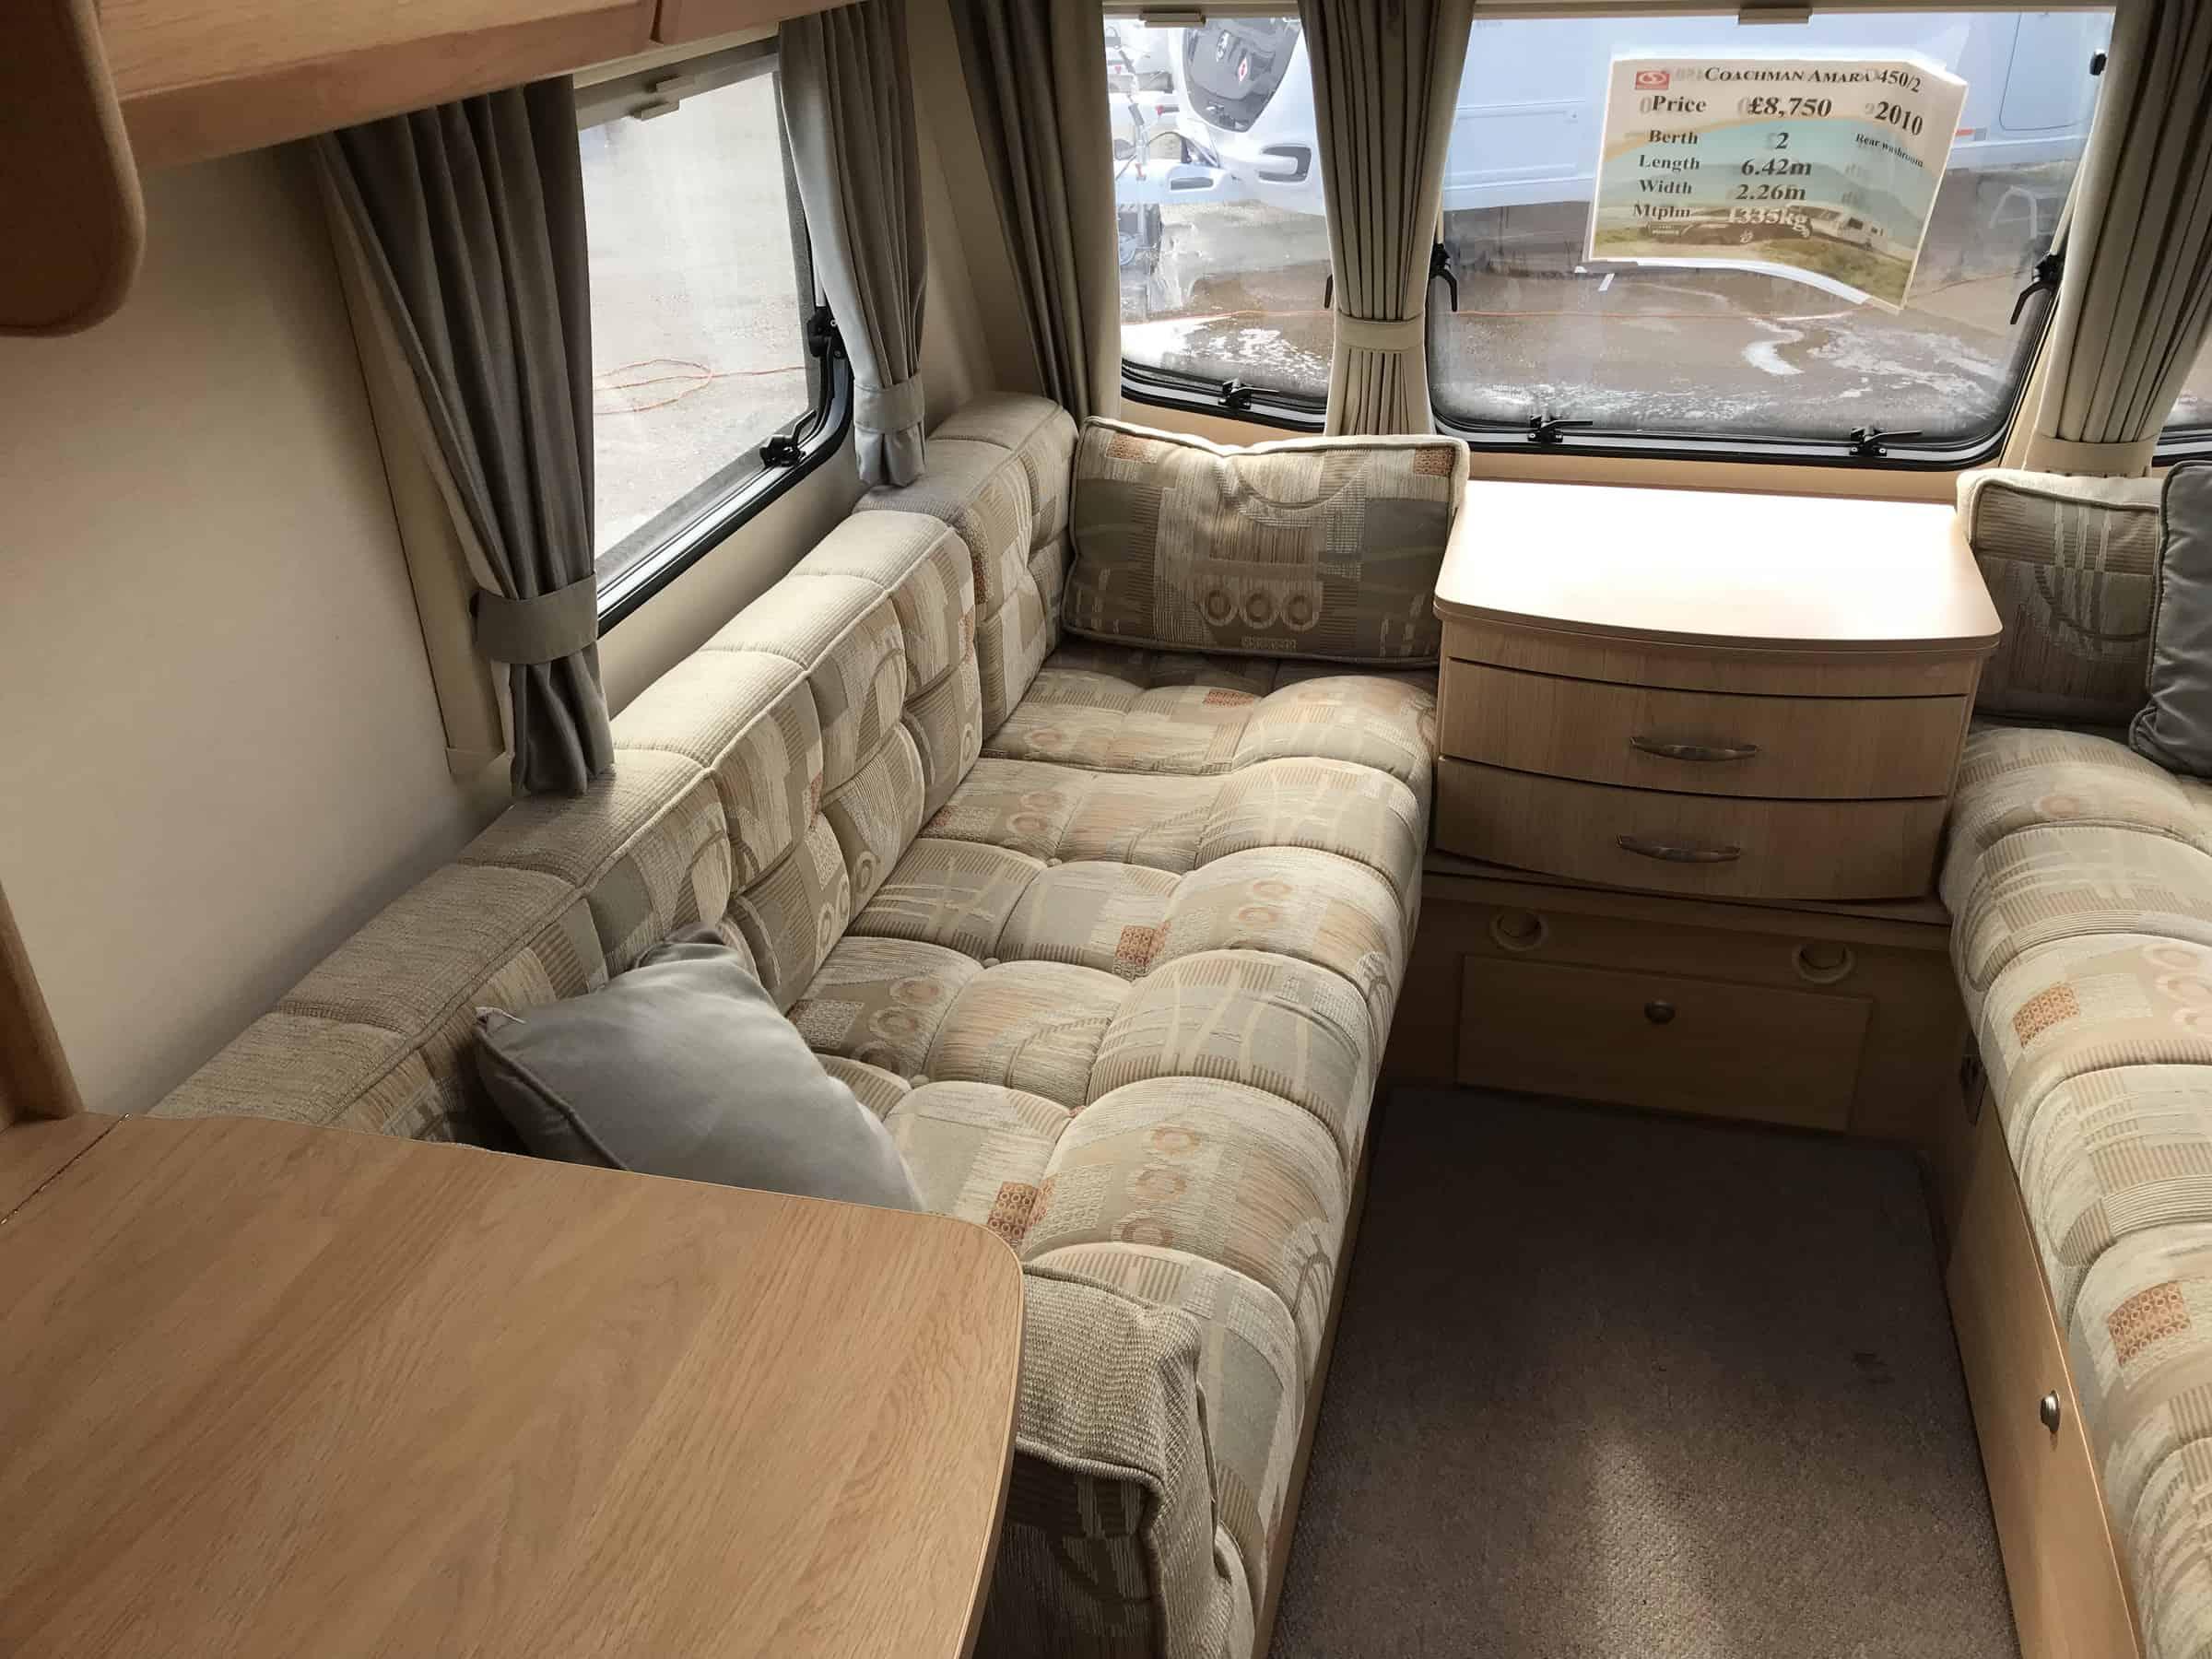 Coachman Amara 450-2 2010